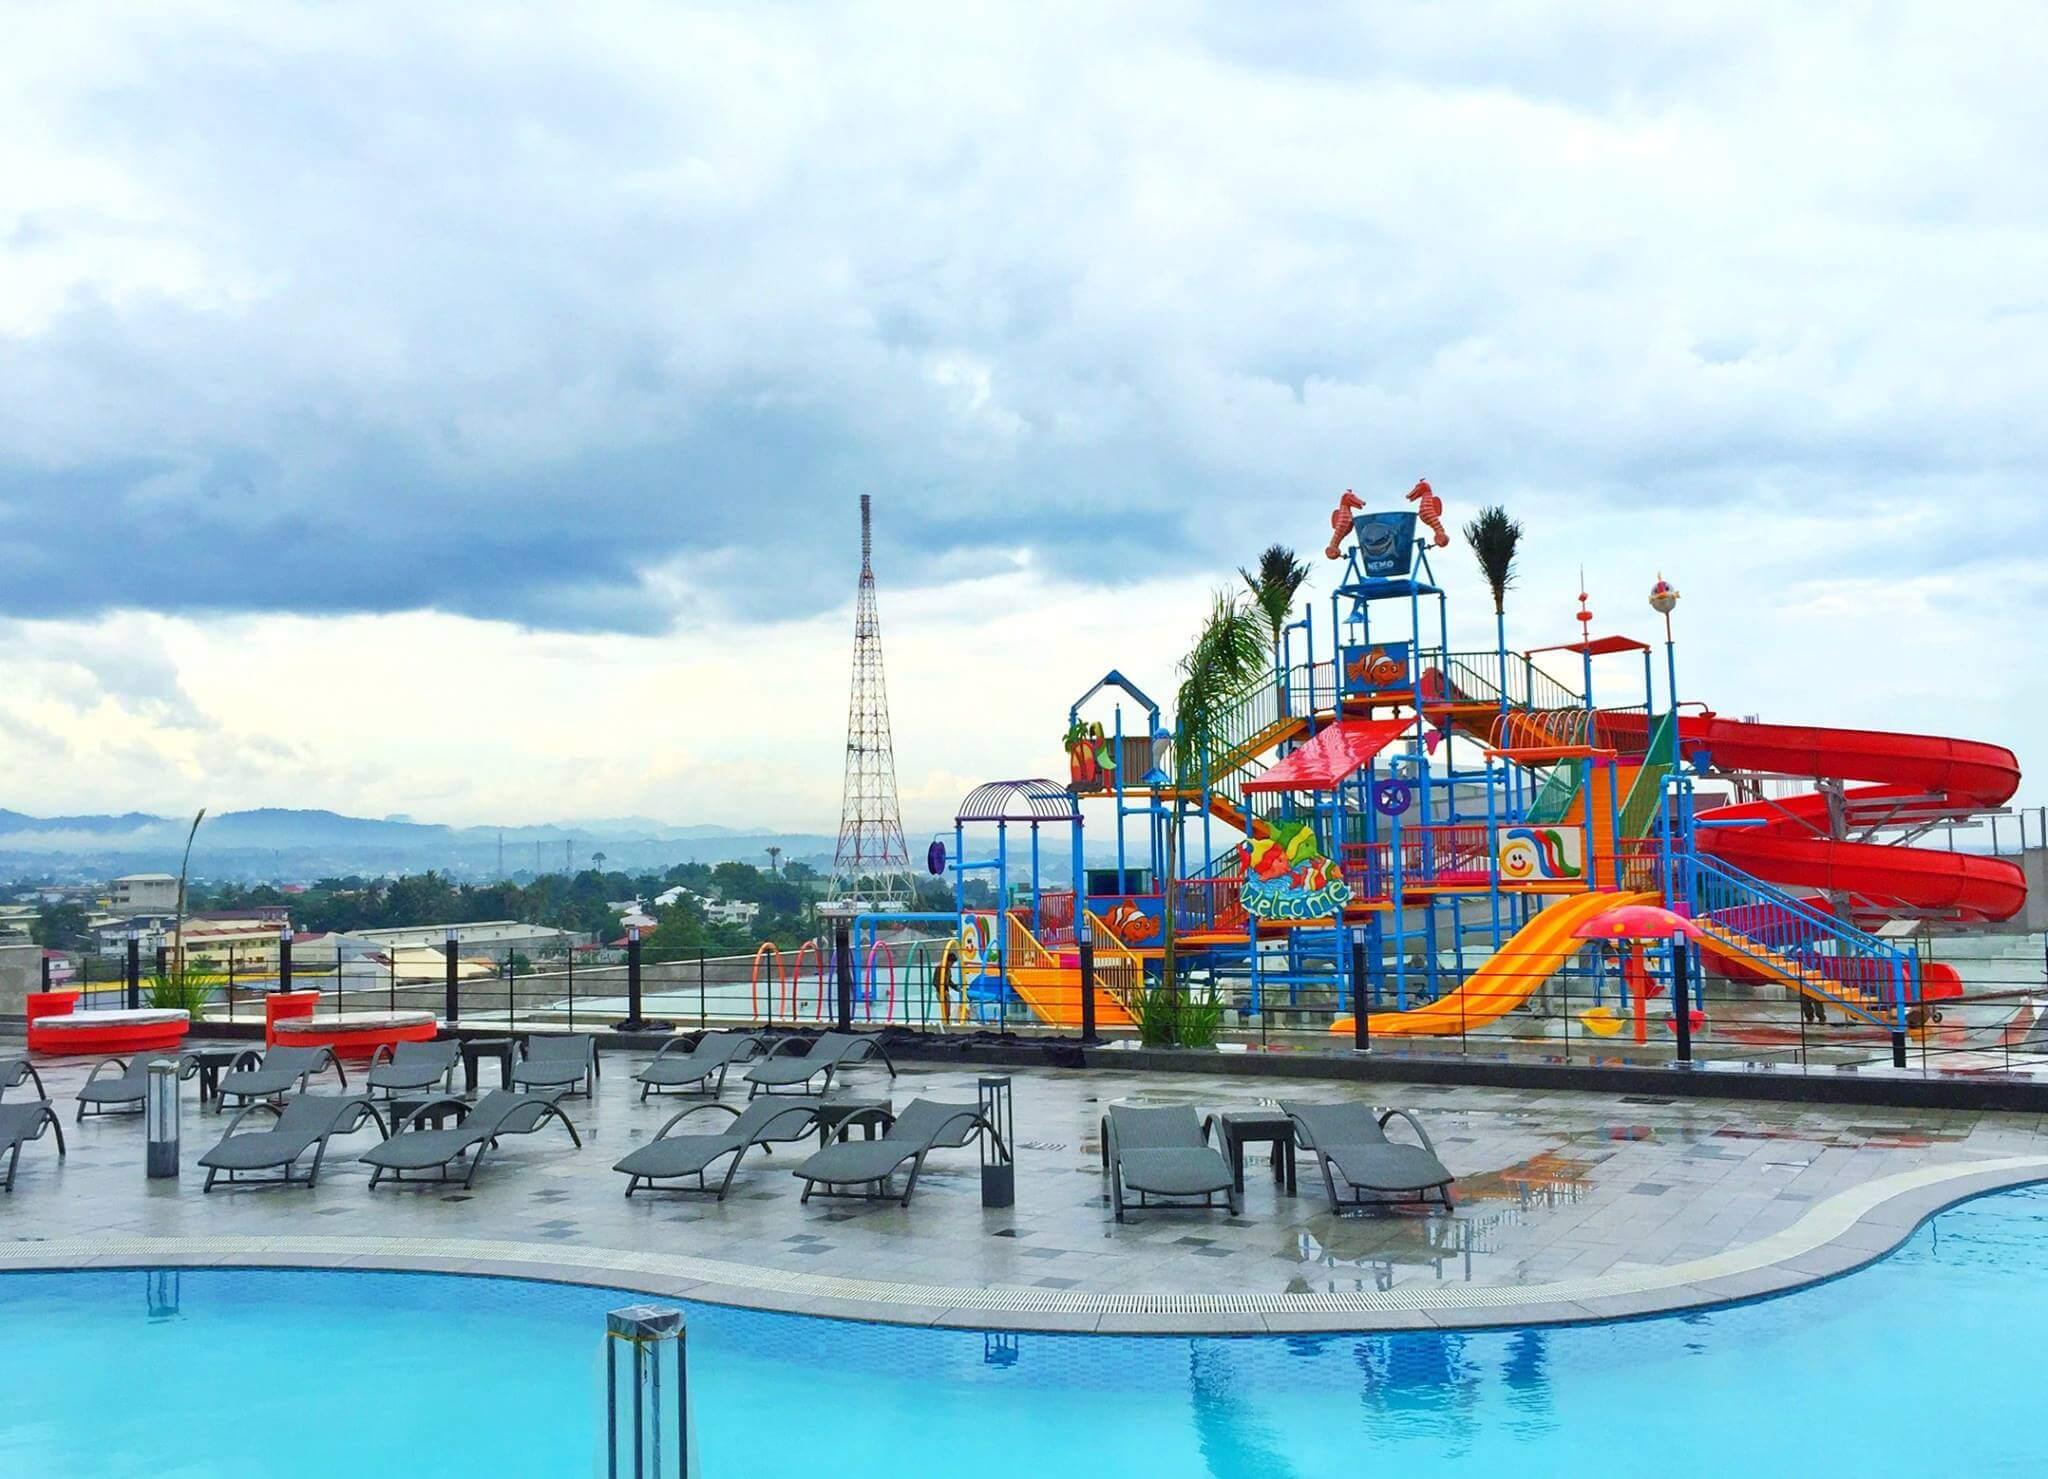 セブ最新プール「スカイウォーターパーク・セブ(SkyWaterpark Cebu)に行ってきた